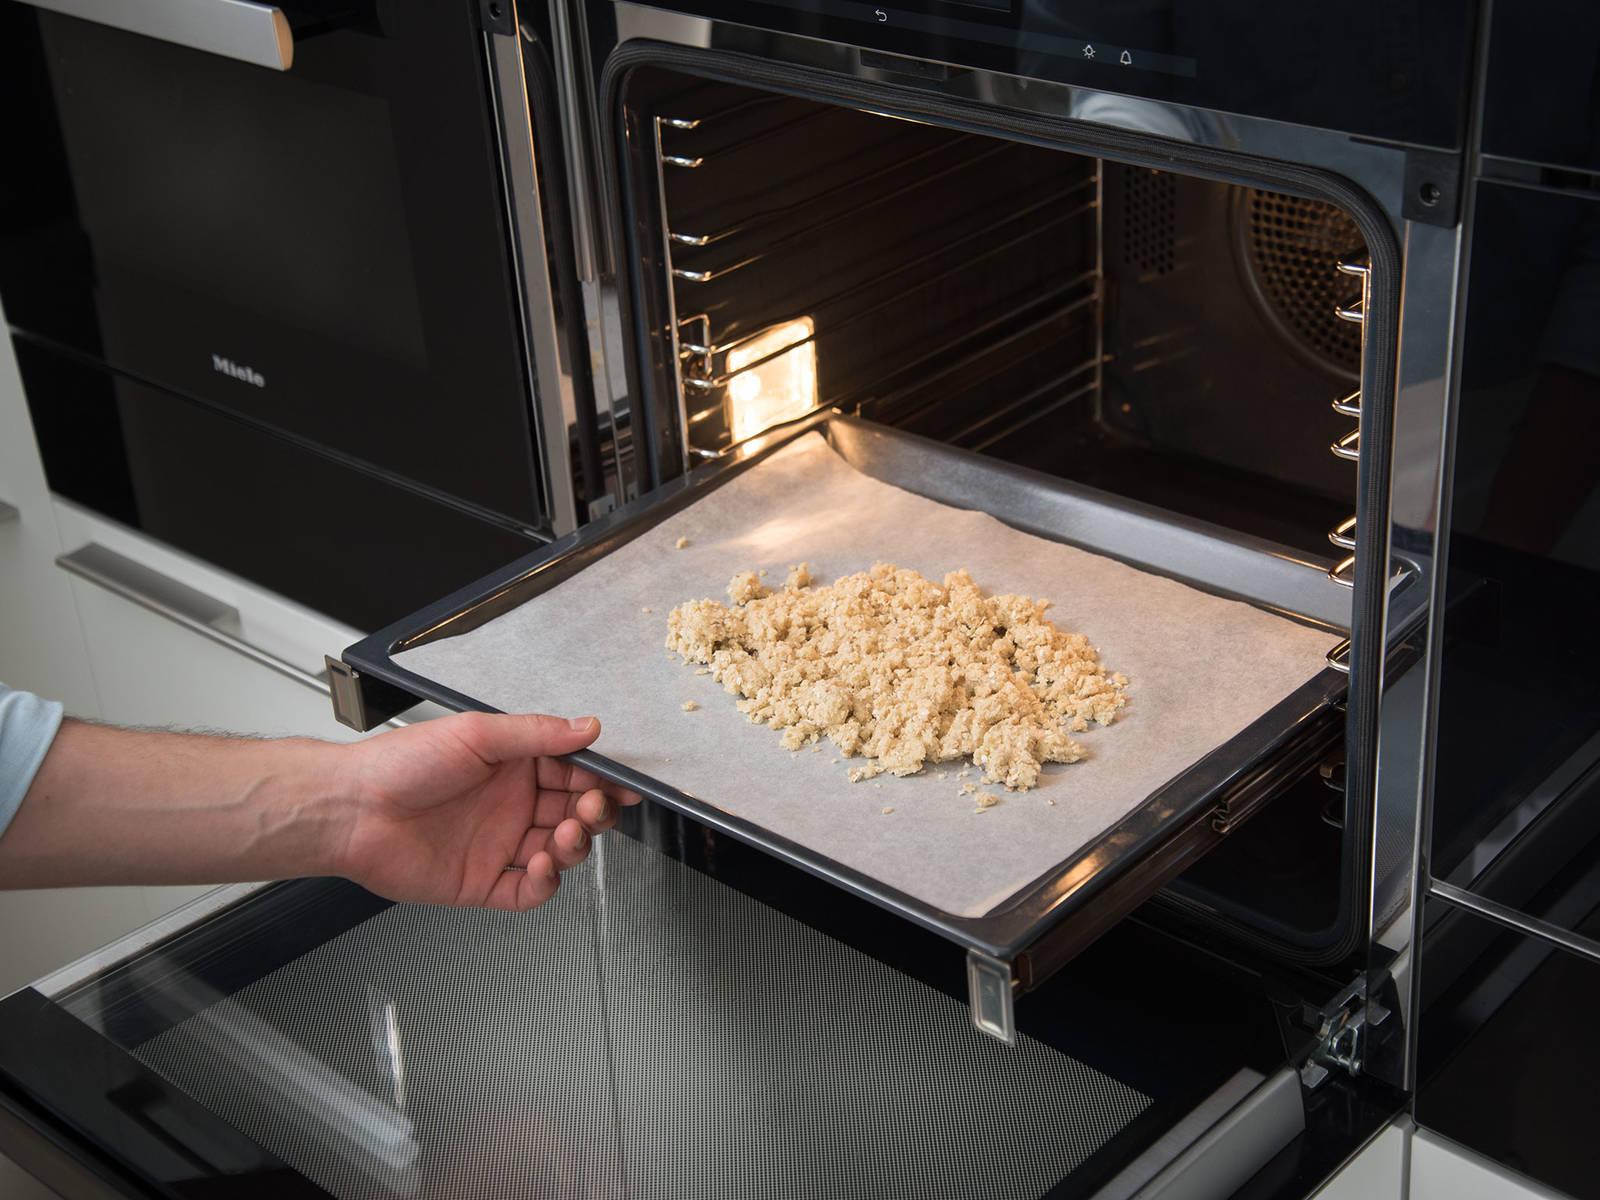 将烤箱预热至200℃。往一个碗中放入糖、面粉和燕麦片,搅拌混合。放入冷黄油,用手指将其搅拌成大块。将面块放到铺好烘焙纸的烤盘中。放入烤箱烤15-20分钟,或直至呈金黄色。